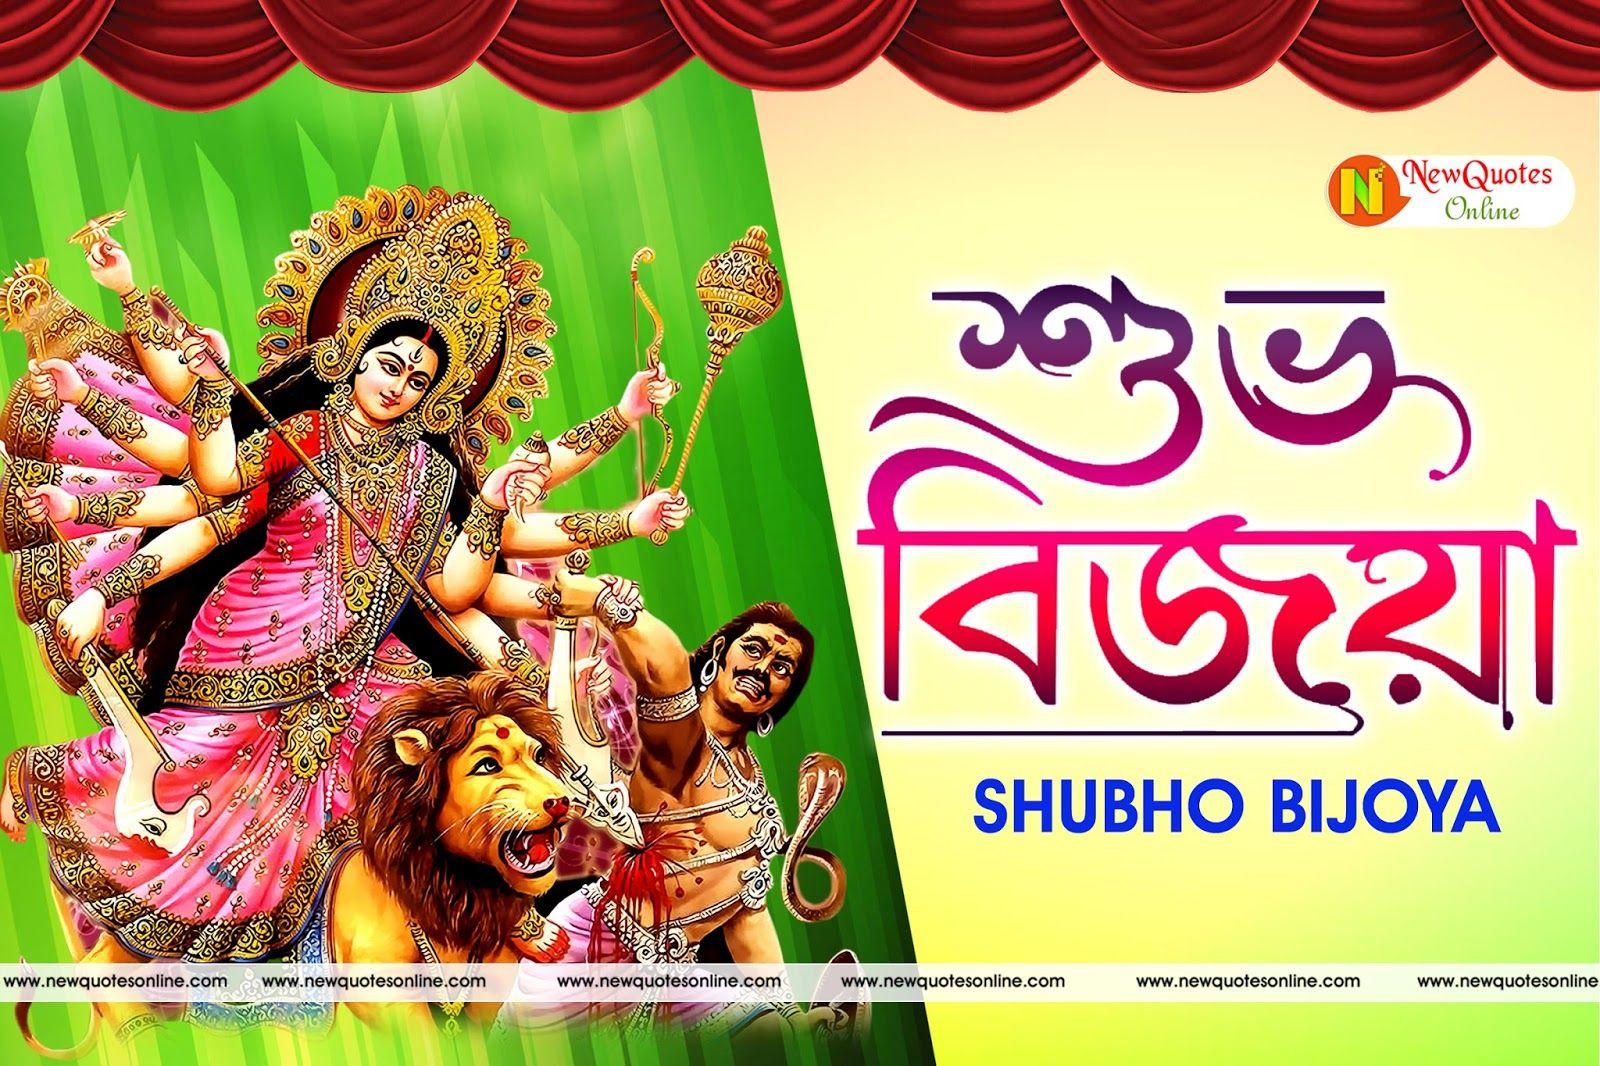 Vijaya dashami quotes in bengali greeting cardsganesha chaturthi vijaya dashami quotes in bengali greeting cardsganesha chaturthi bengali m4hsunfo